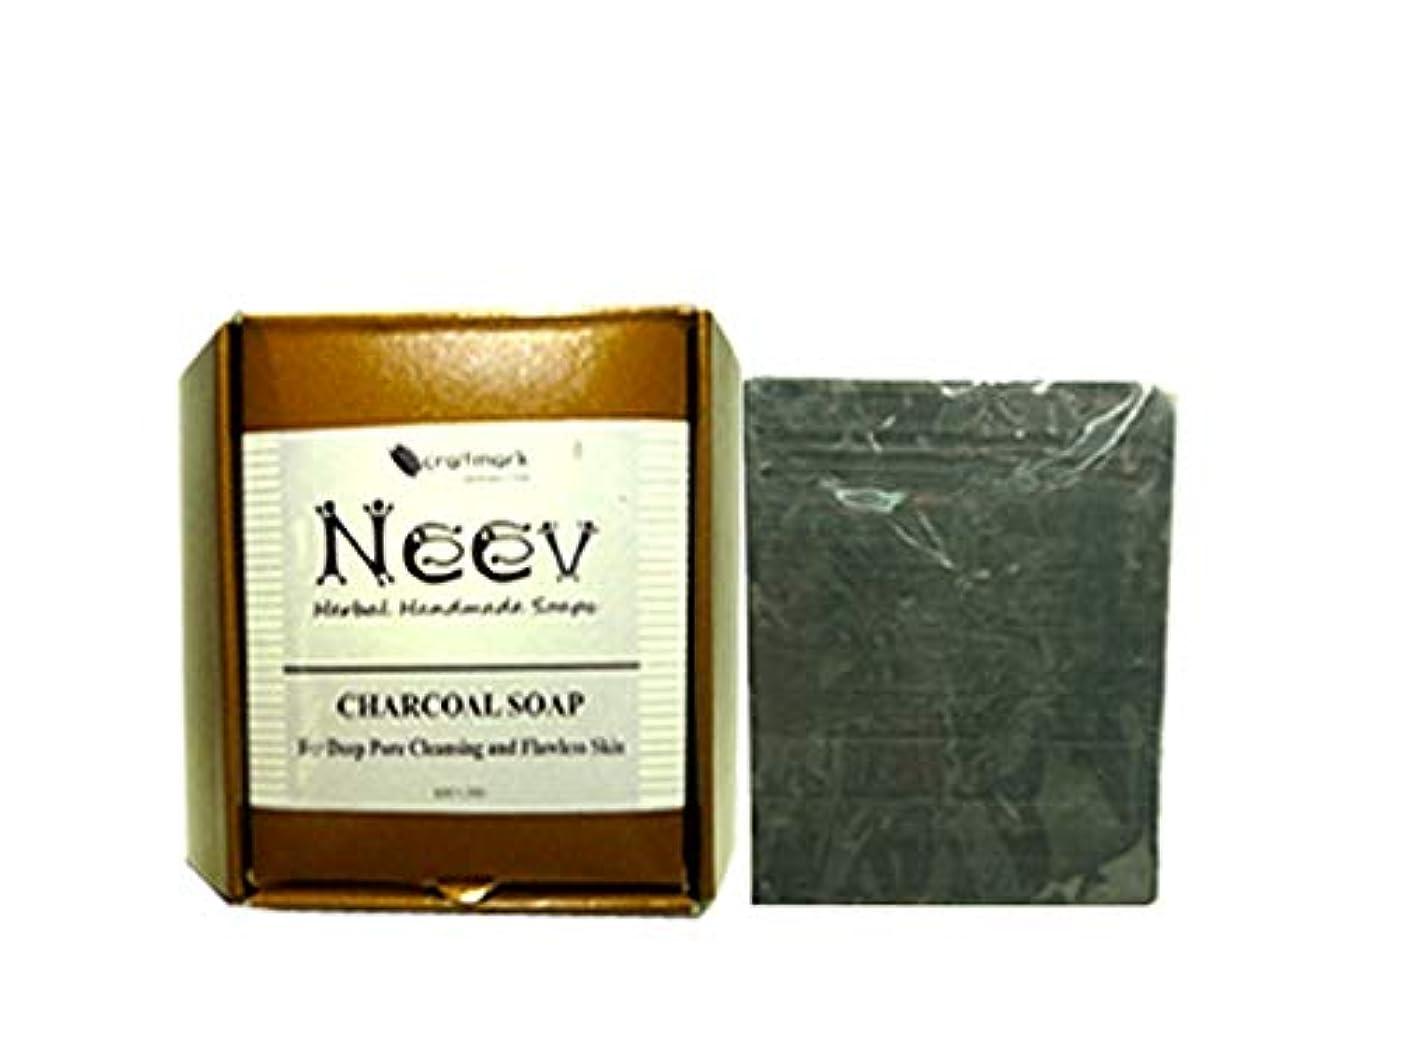 興奮する操作悪性腫瘍手作り アーユルヴェーダ ニーブ チャコール ソープ(炭石鹸)100g NEEV CHARCOAL SOAP